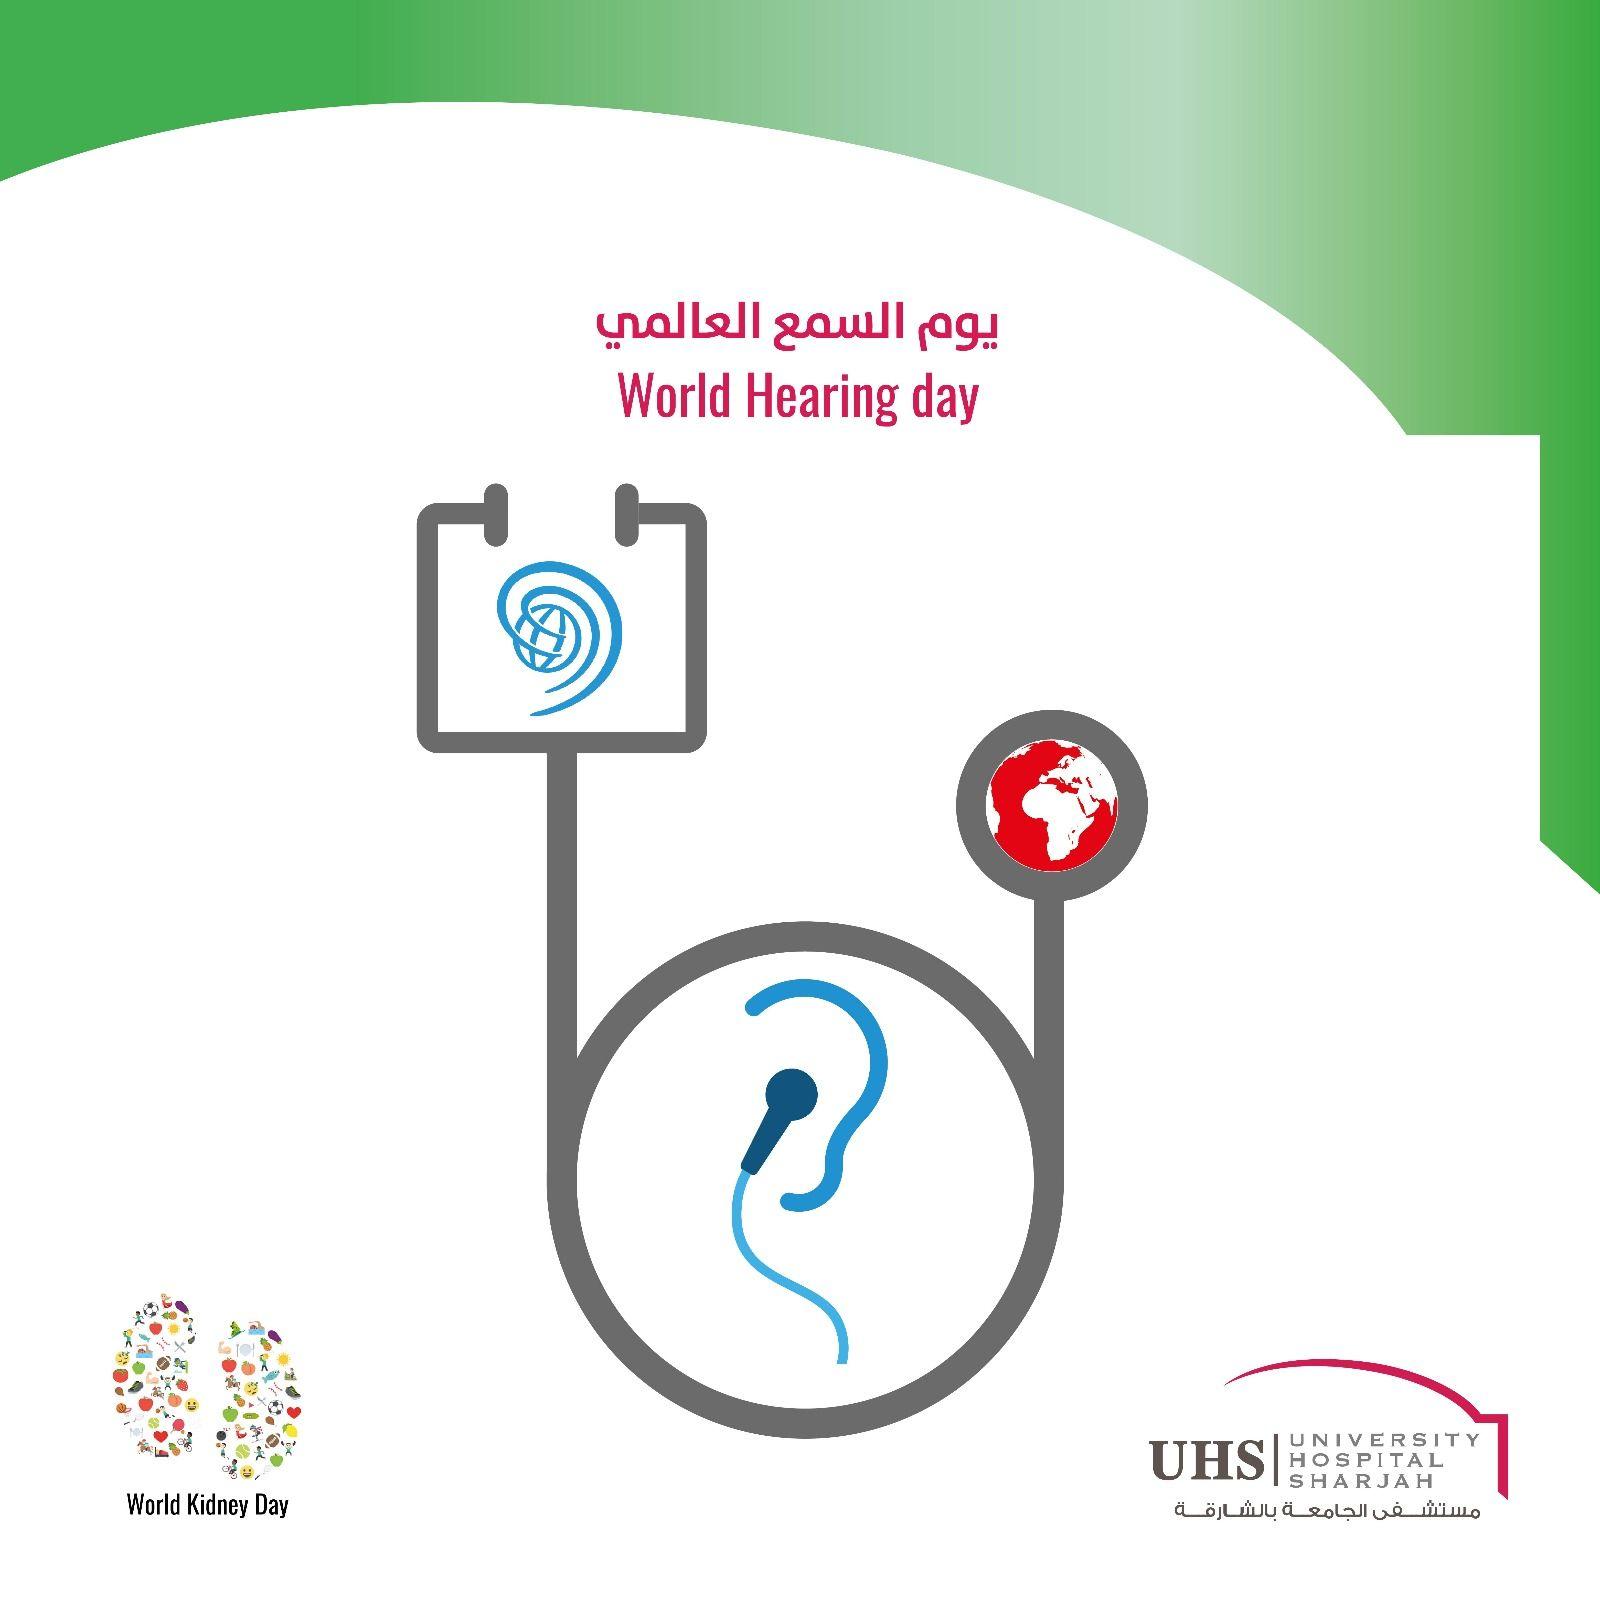 يهدف يوم السمع العالمي لنشر الوعي وتعزيز رعاية الأذن والسمع حول العالم تم إطلاق هذا اليوم من قبل منظمة الصحة العالمية لدعم ه Awareness Month Awareness Letters